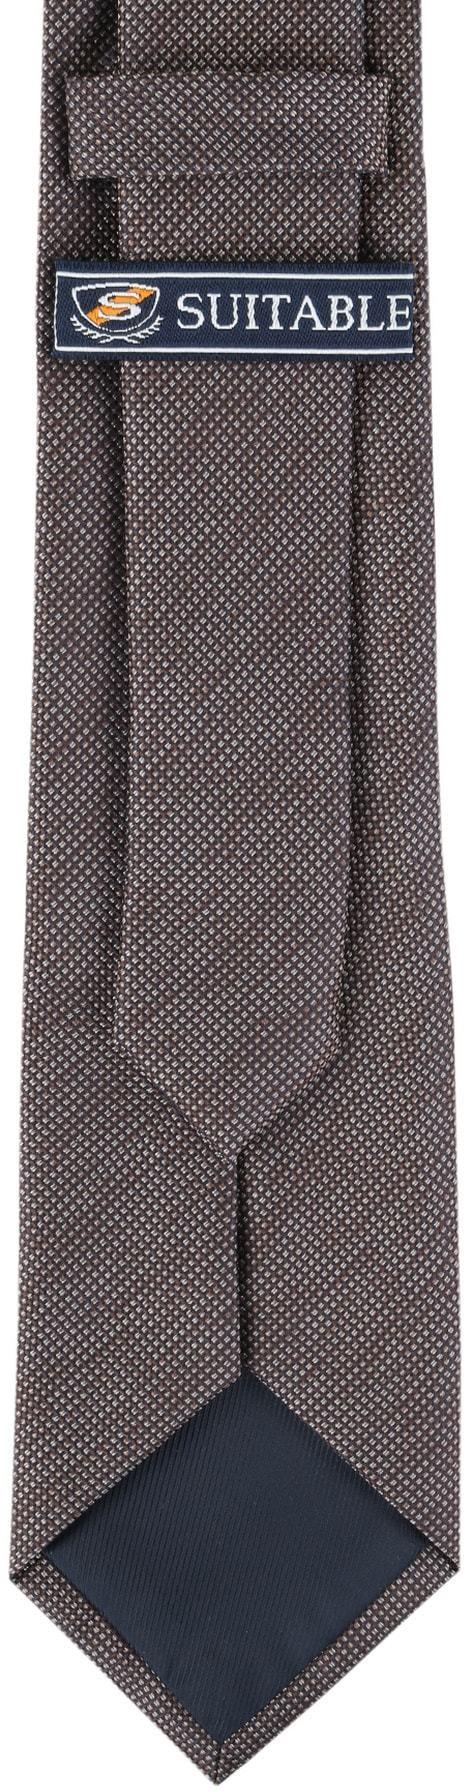 Krawatte Seide Pinpoint Braun 9-17 foto 3